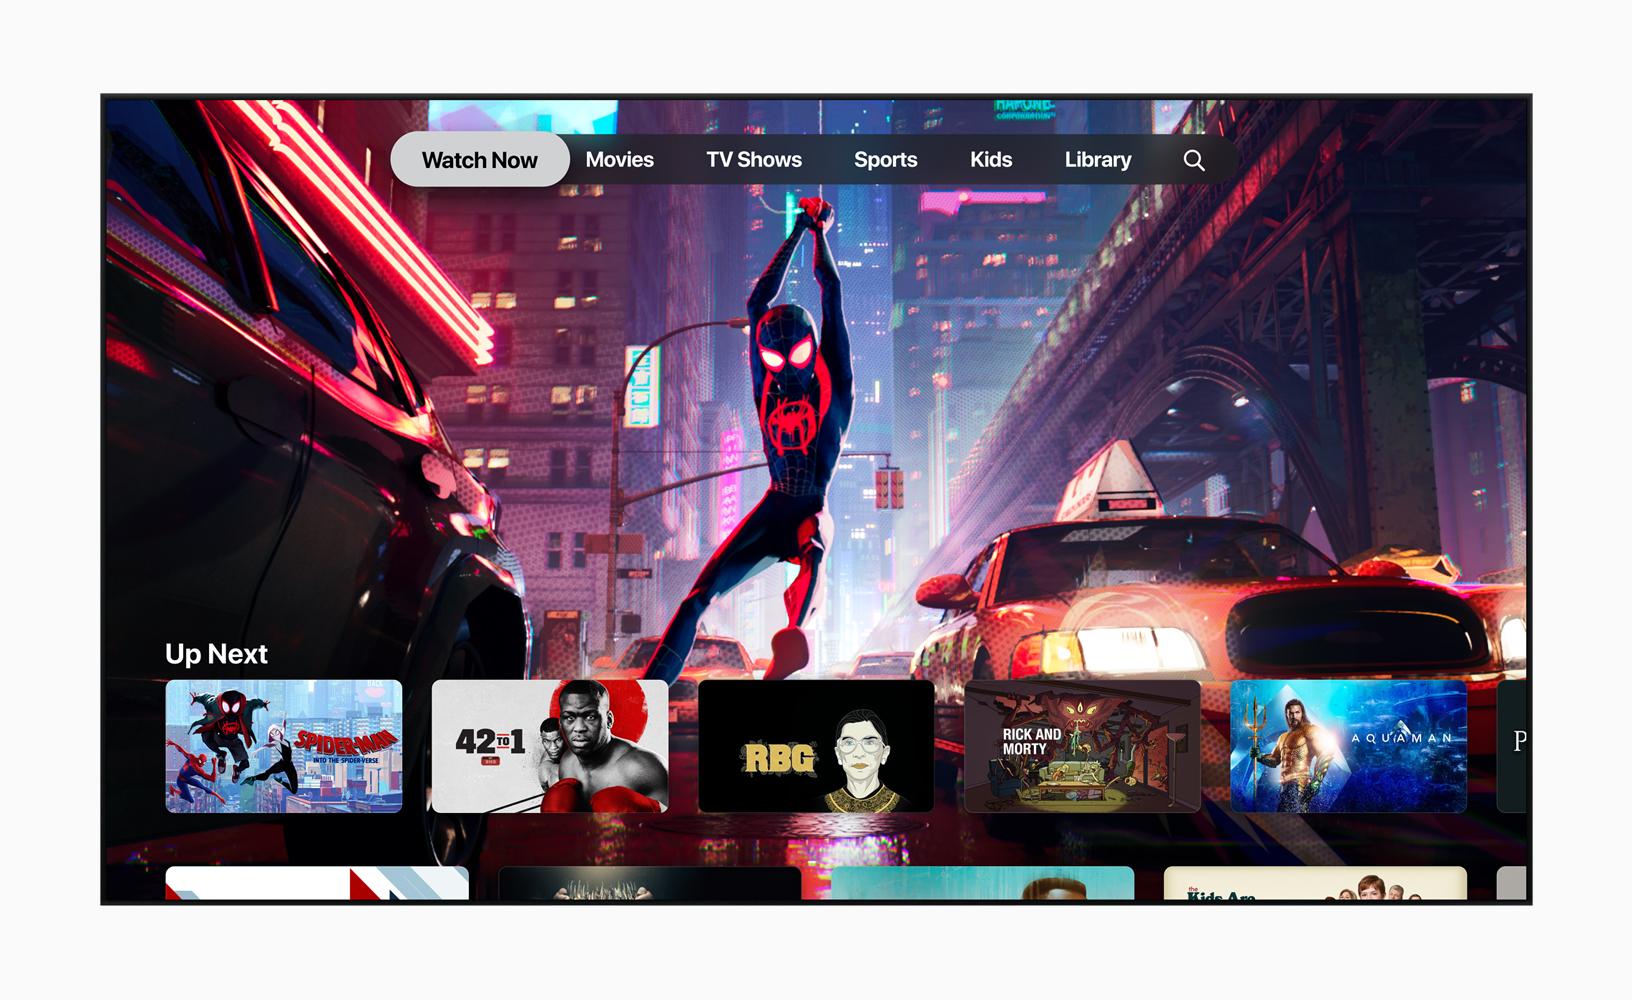 TV thông minh Samsung sẽ sớm có cập nhật Apple TV mới nhất đầu tiên